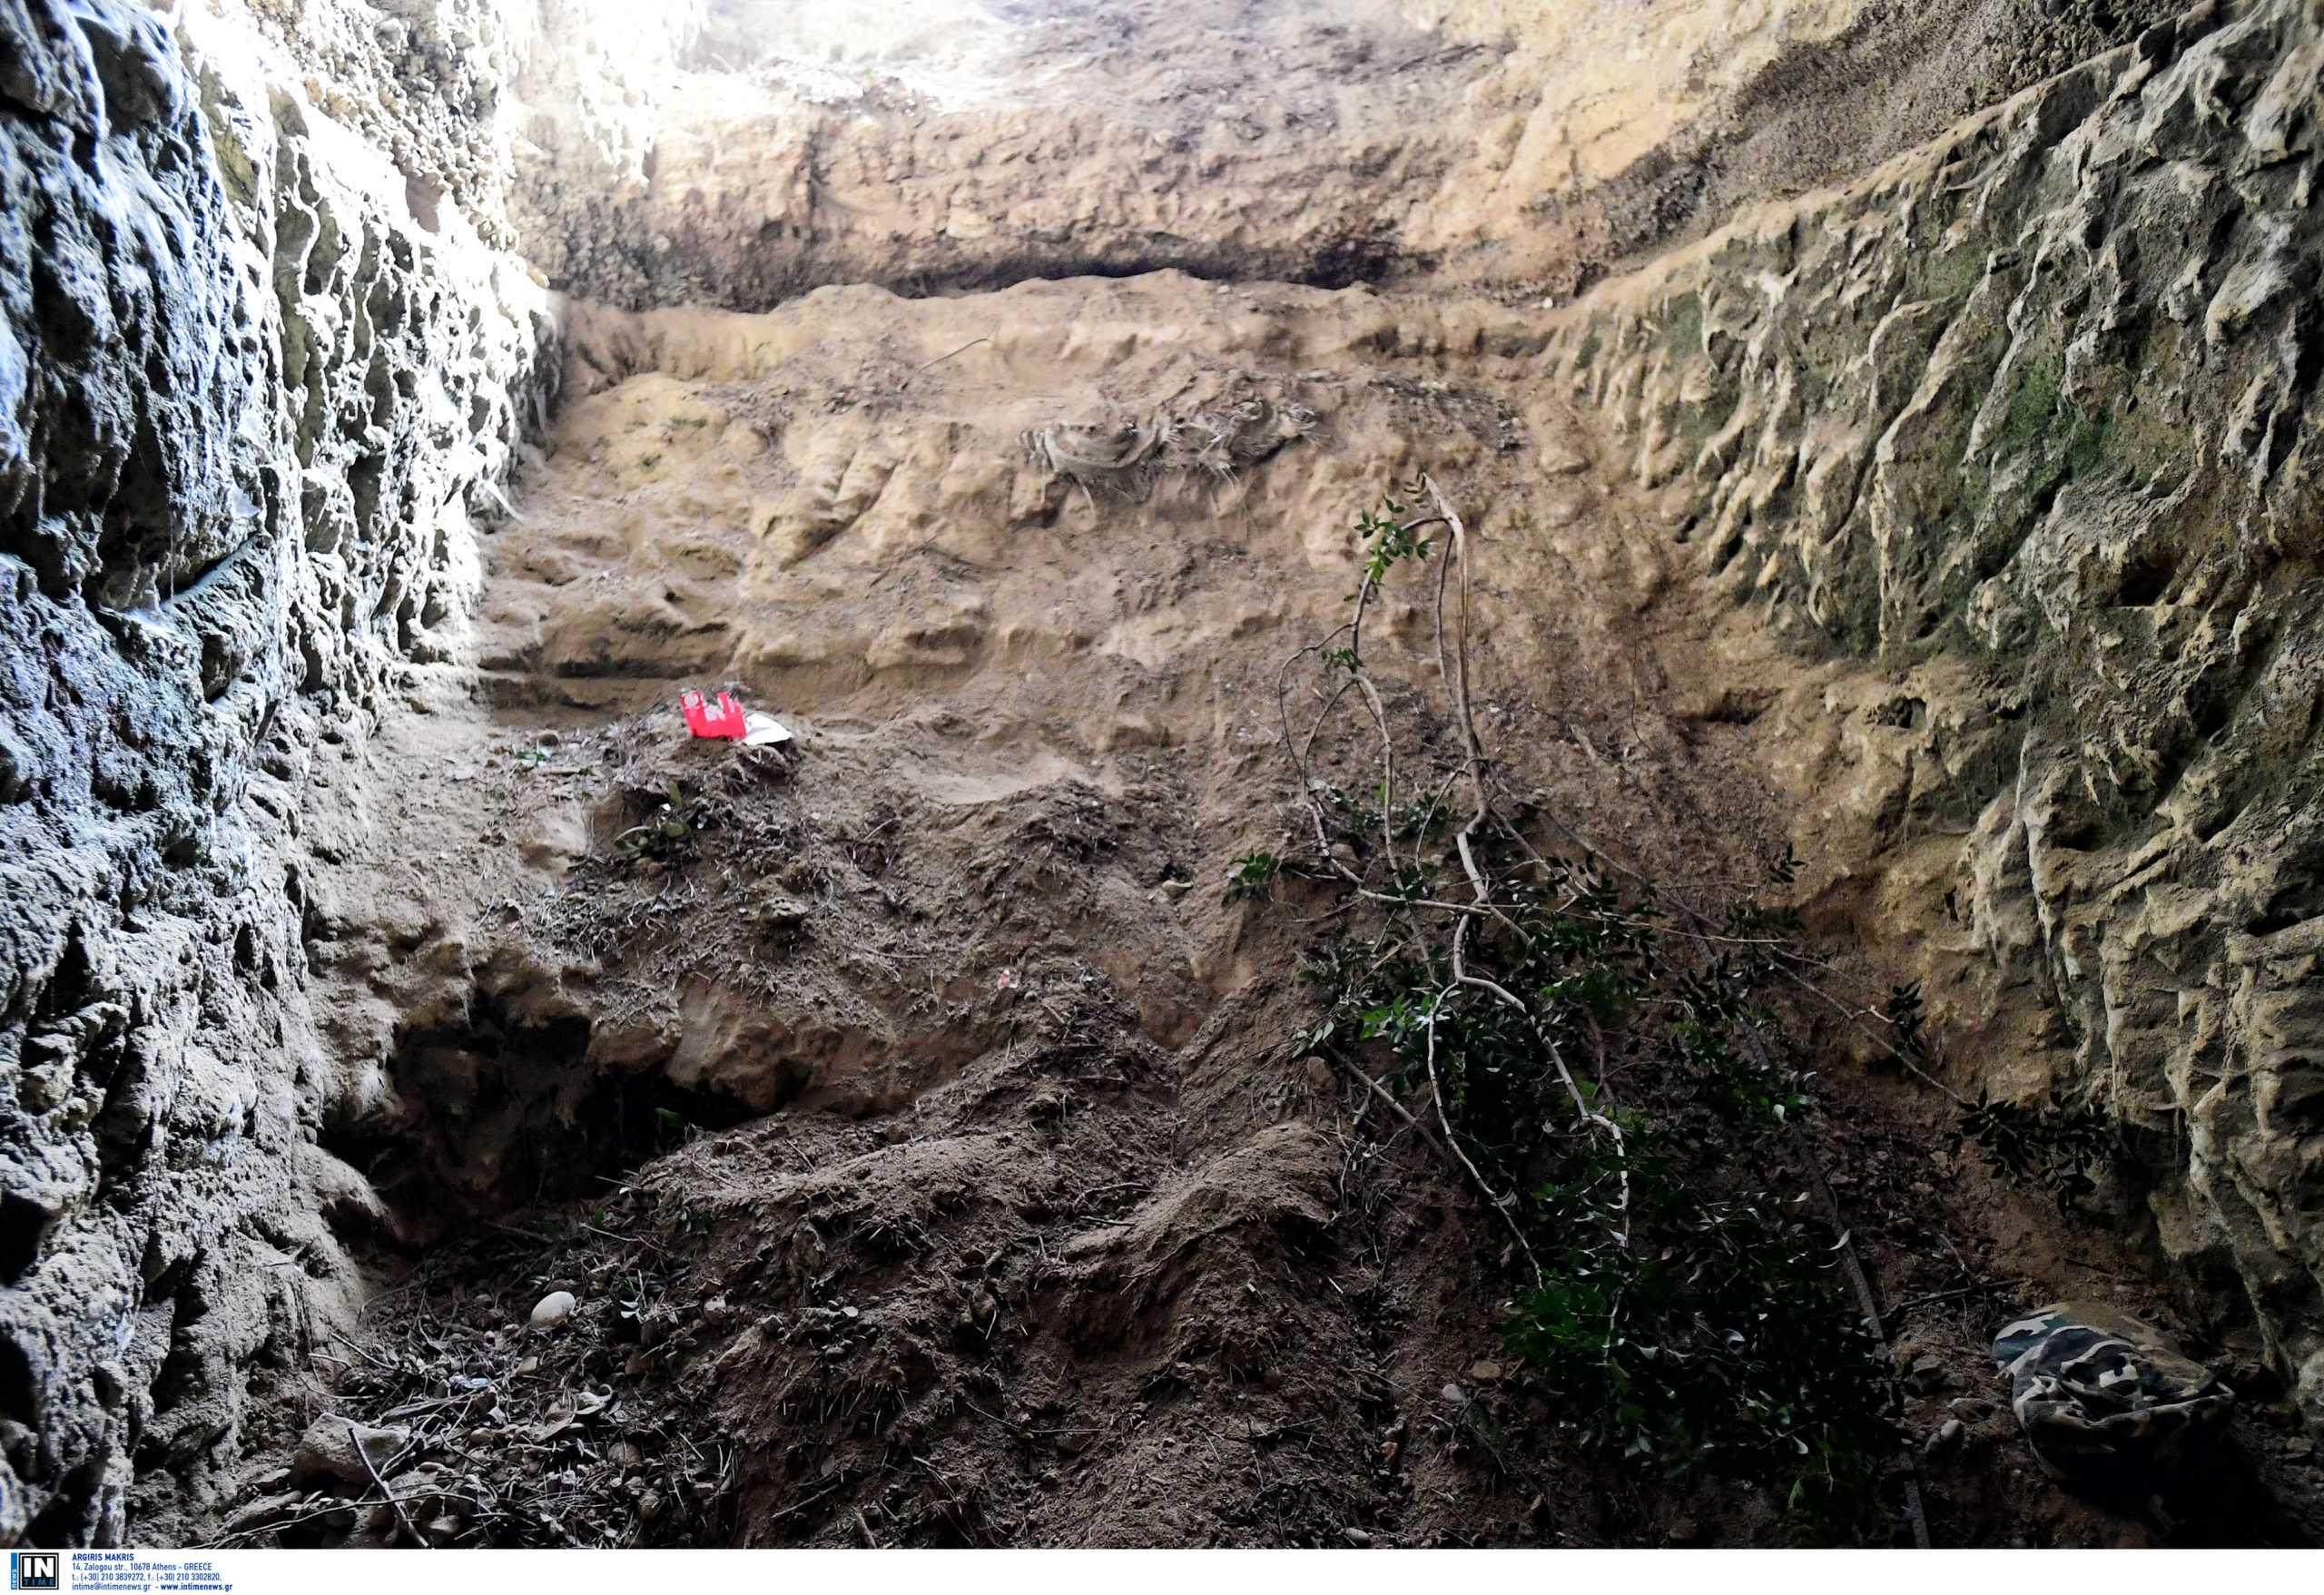 Λακωνία: Η σπηλιά έκρυβε εικόνες που δεν περίμενε κανείς – Η αυτοψία που πάγωσε τους πάντες